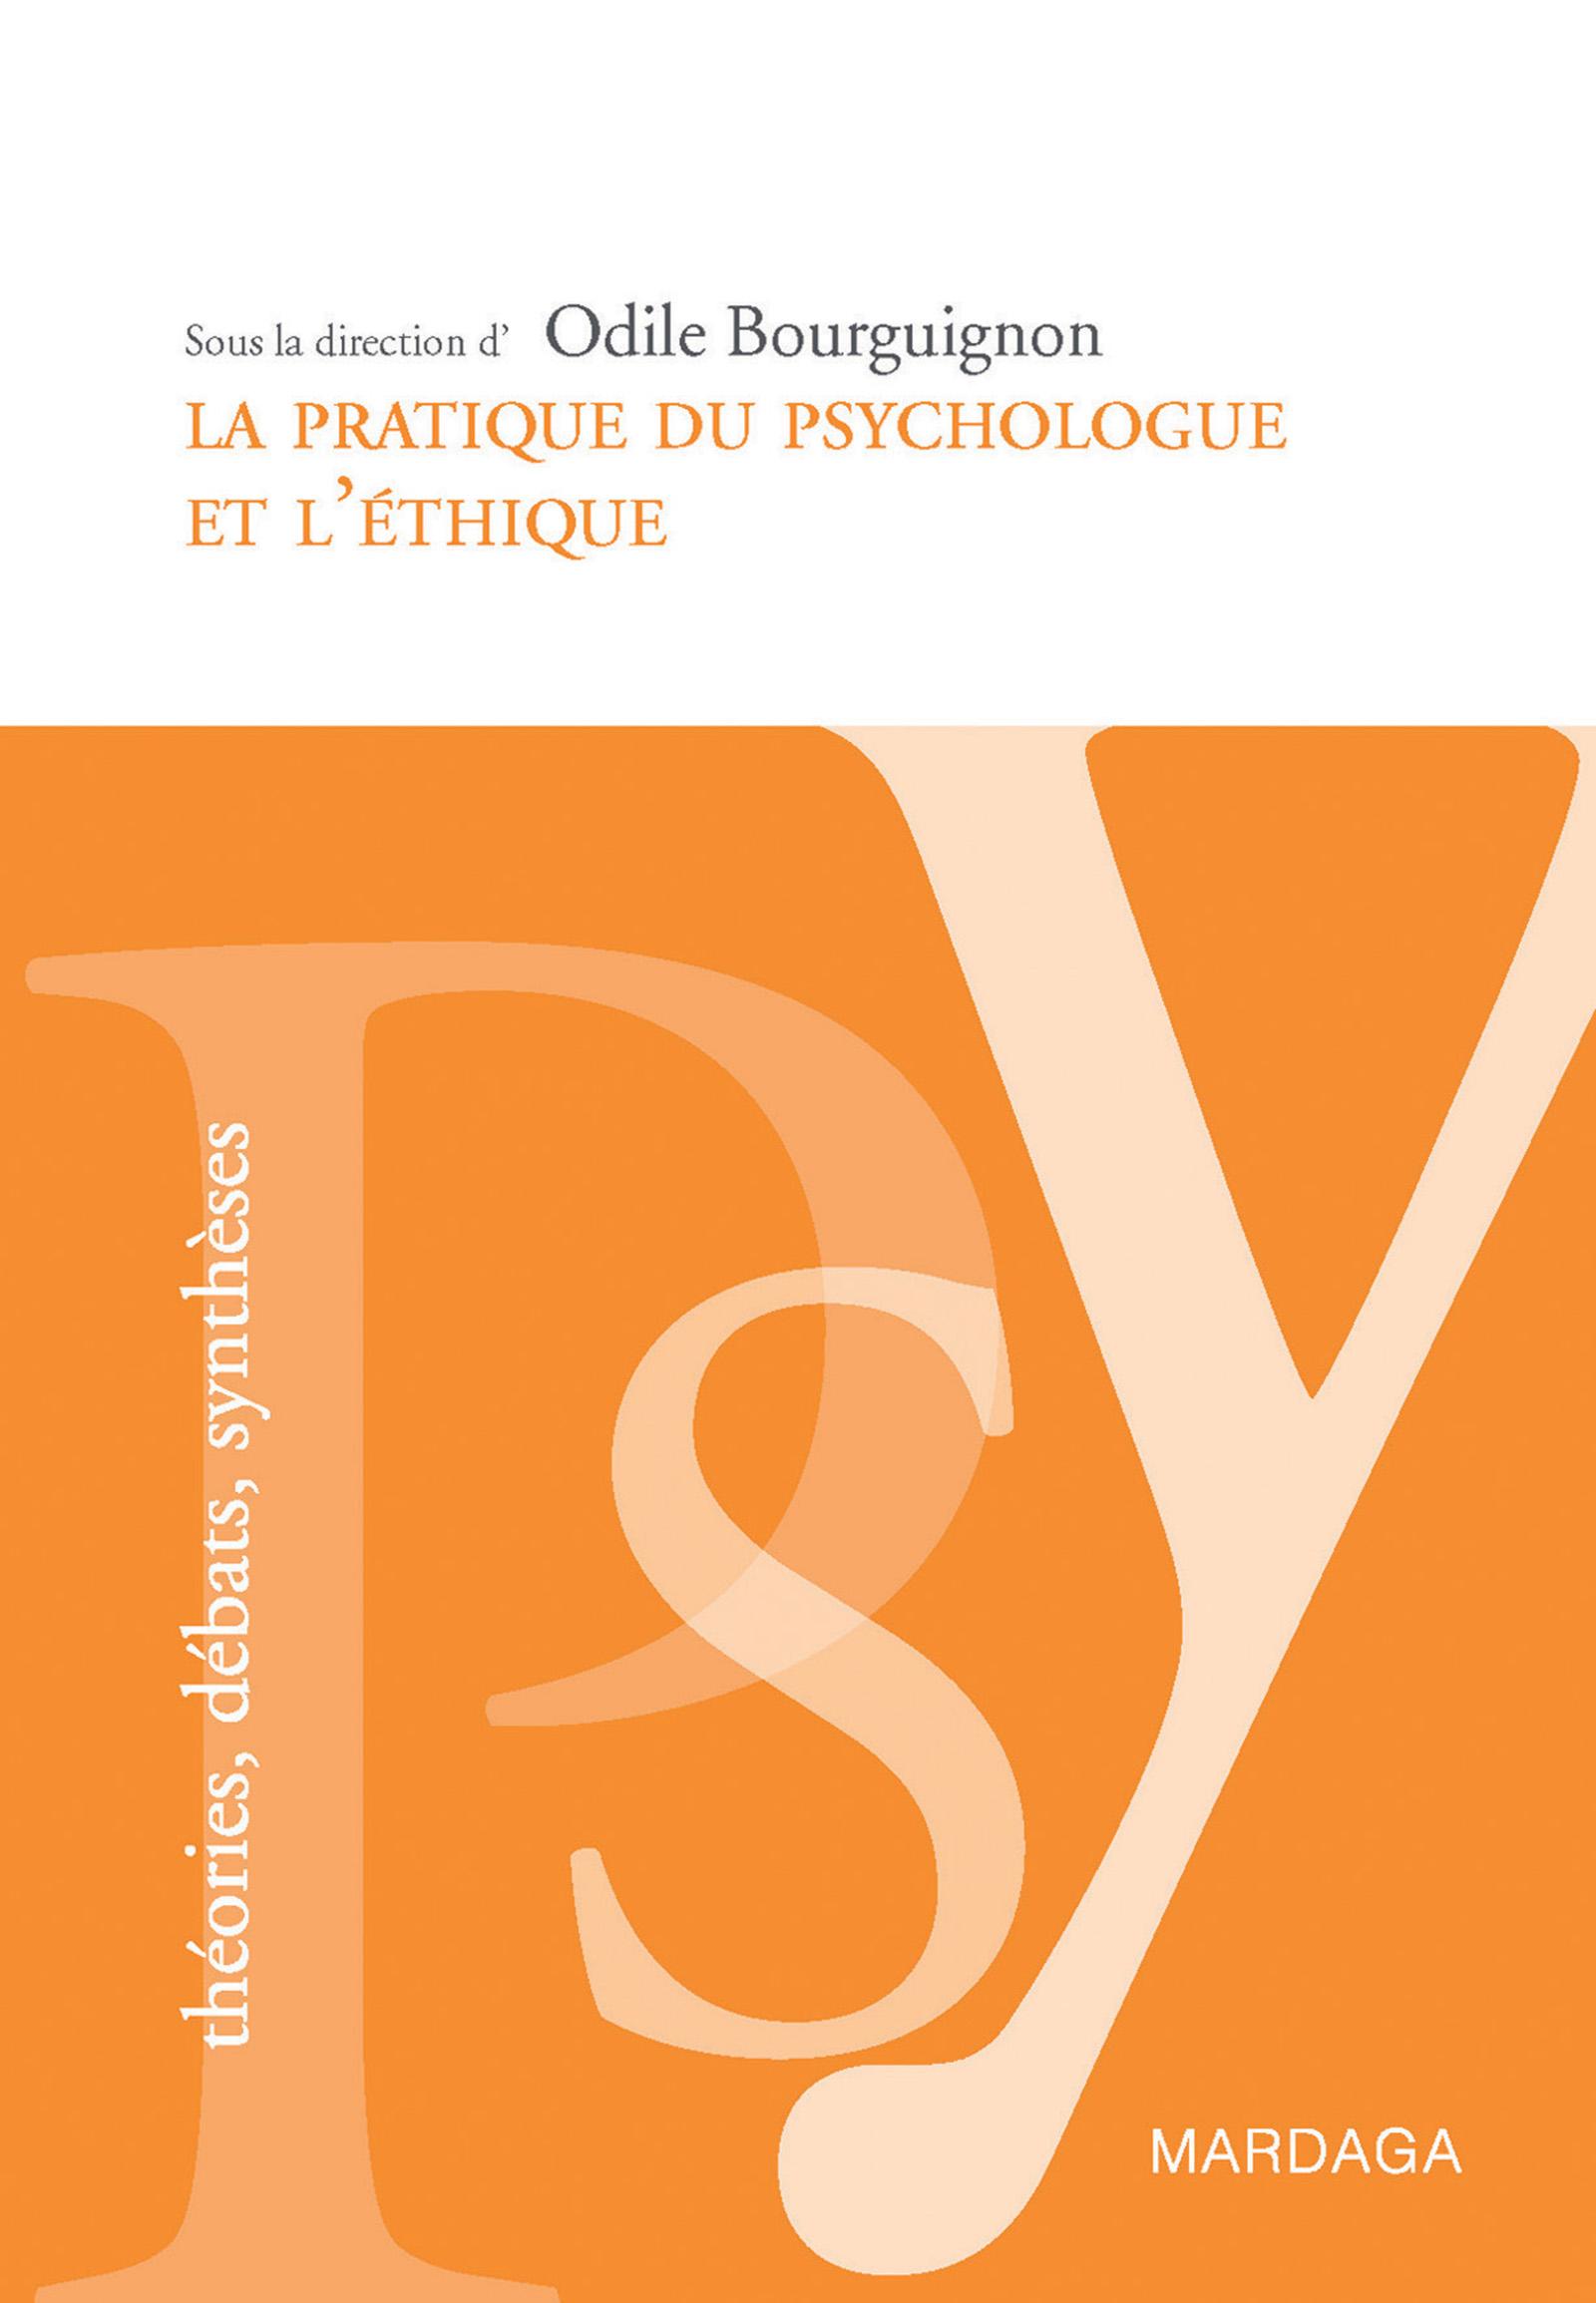 La pratique du psychologue et l'éthique